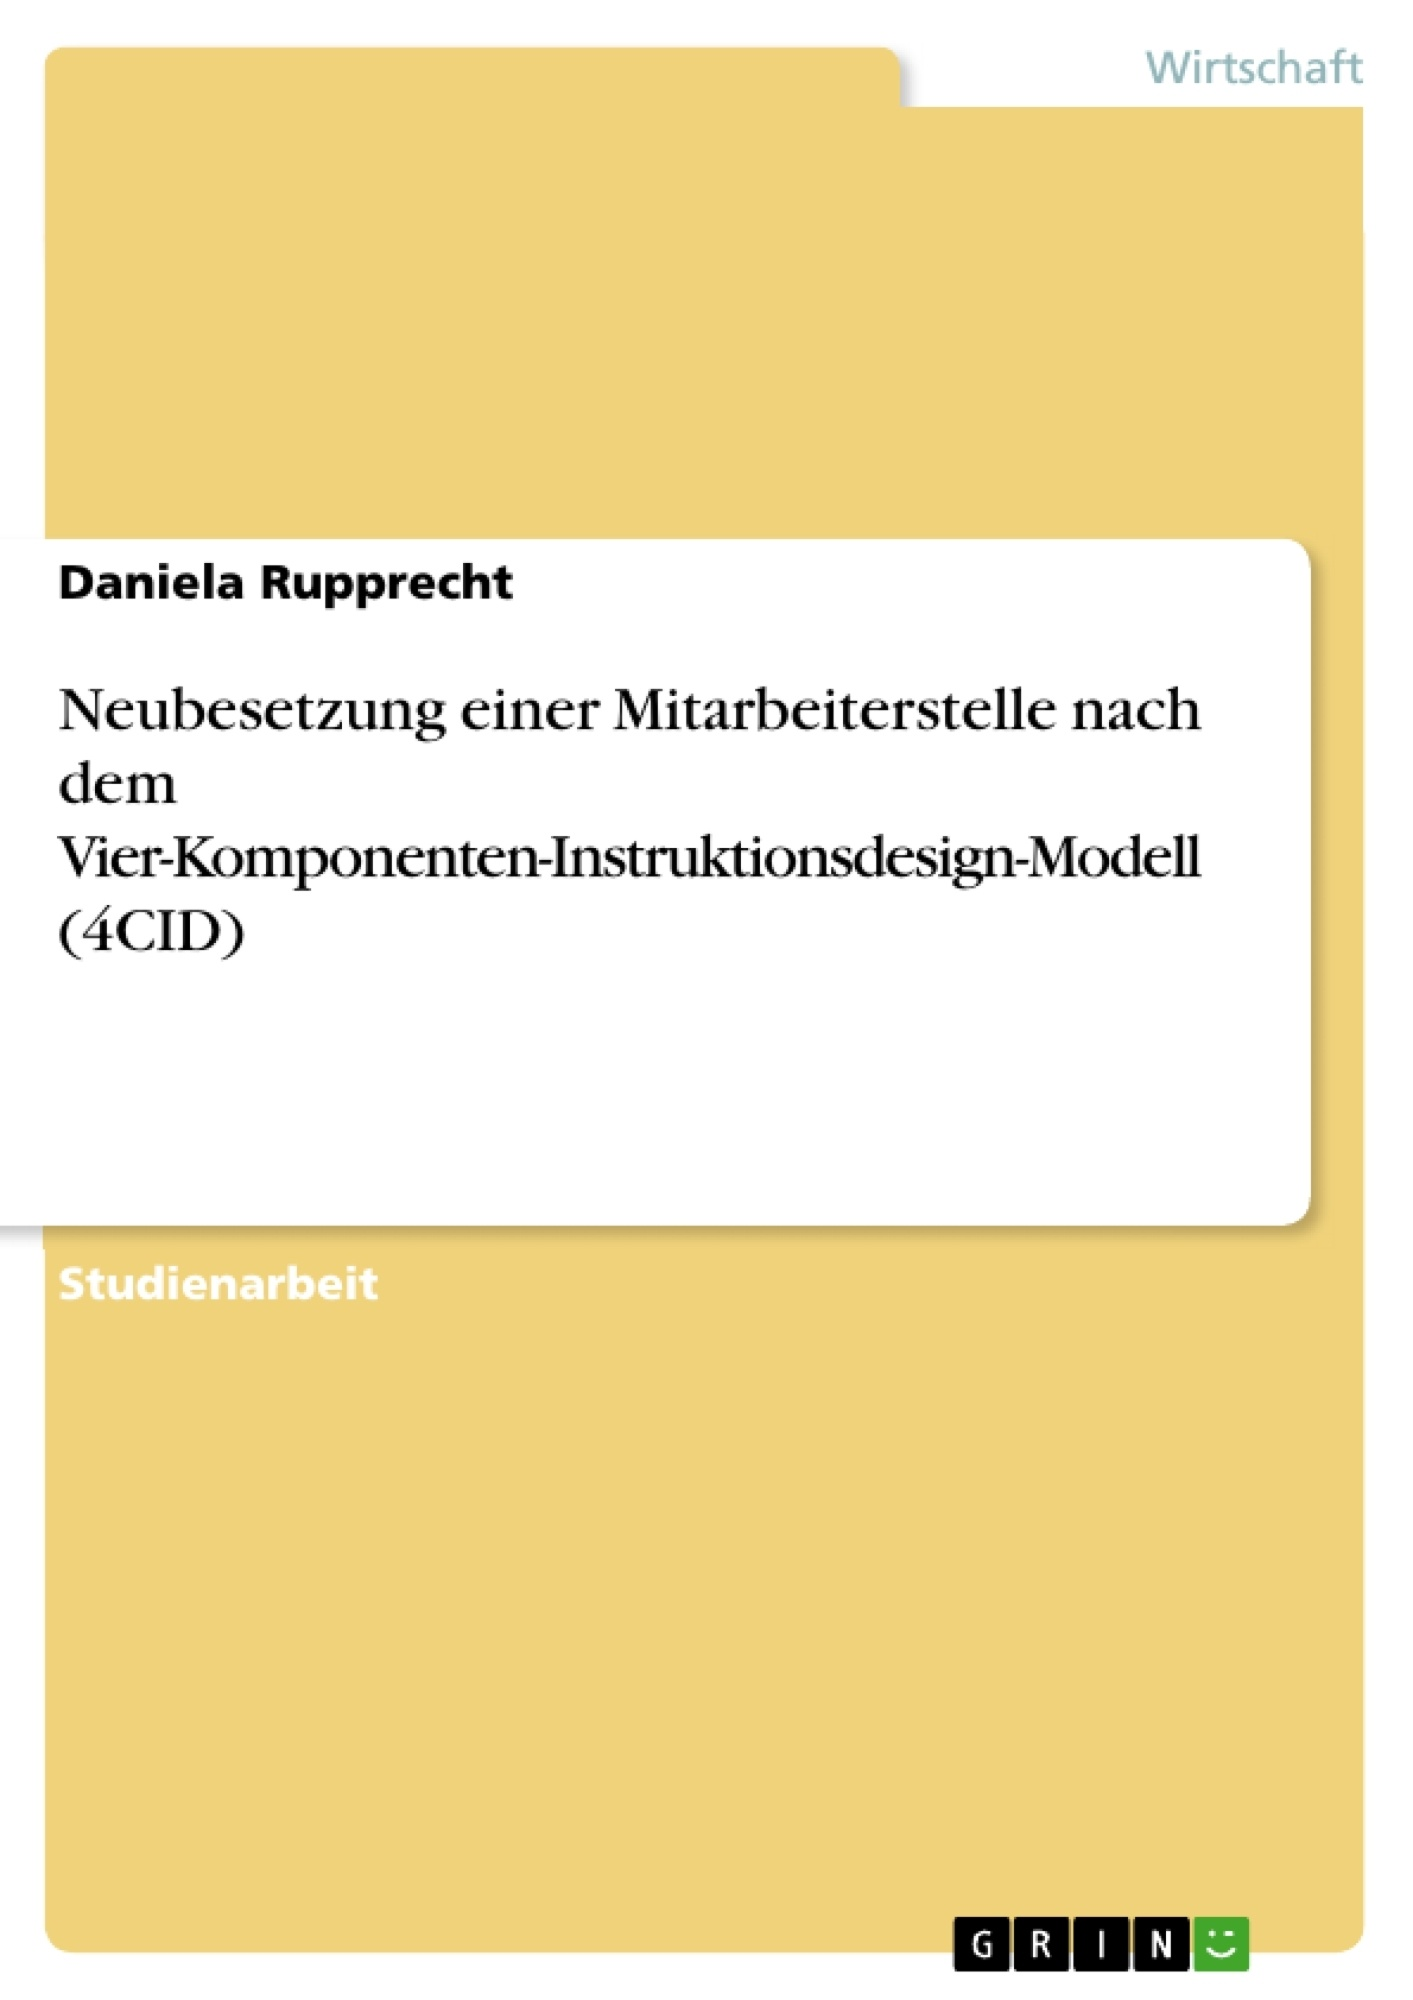 Titel: Neubesetzung einer Mitarbeiterstelle nach dem Vier-Komponenten-Instruktionsdesign-Modell (4CID)